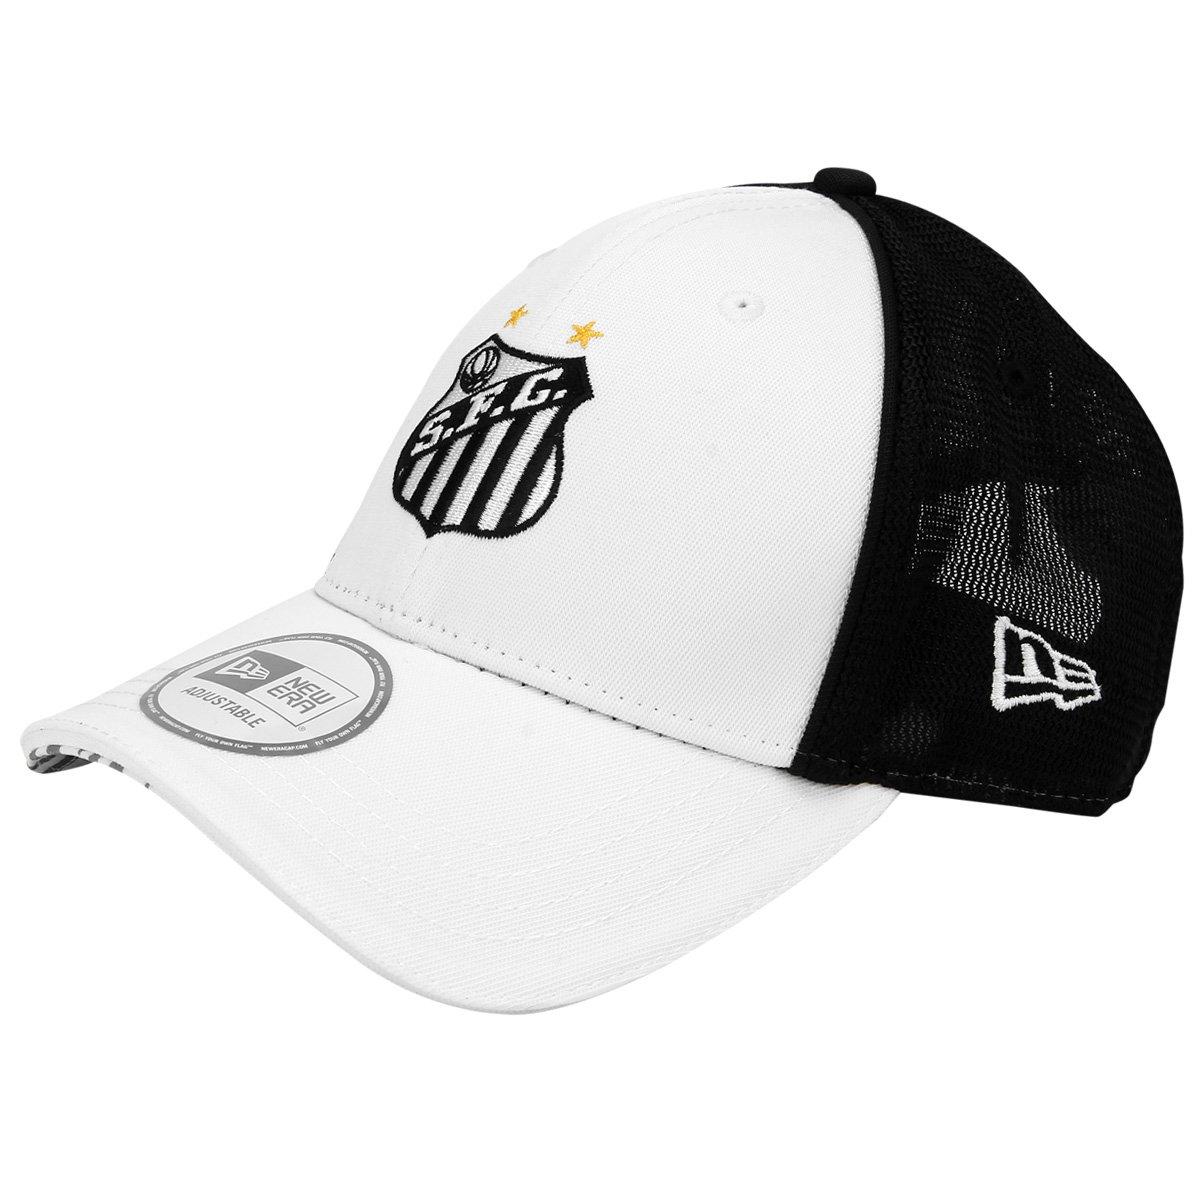 Boné New Era Santos 940 - Compre Agora  f3d738efa3d